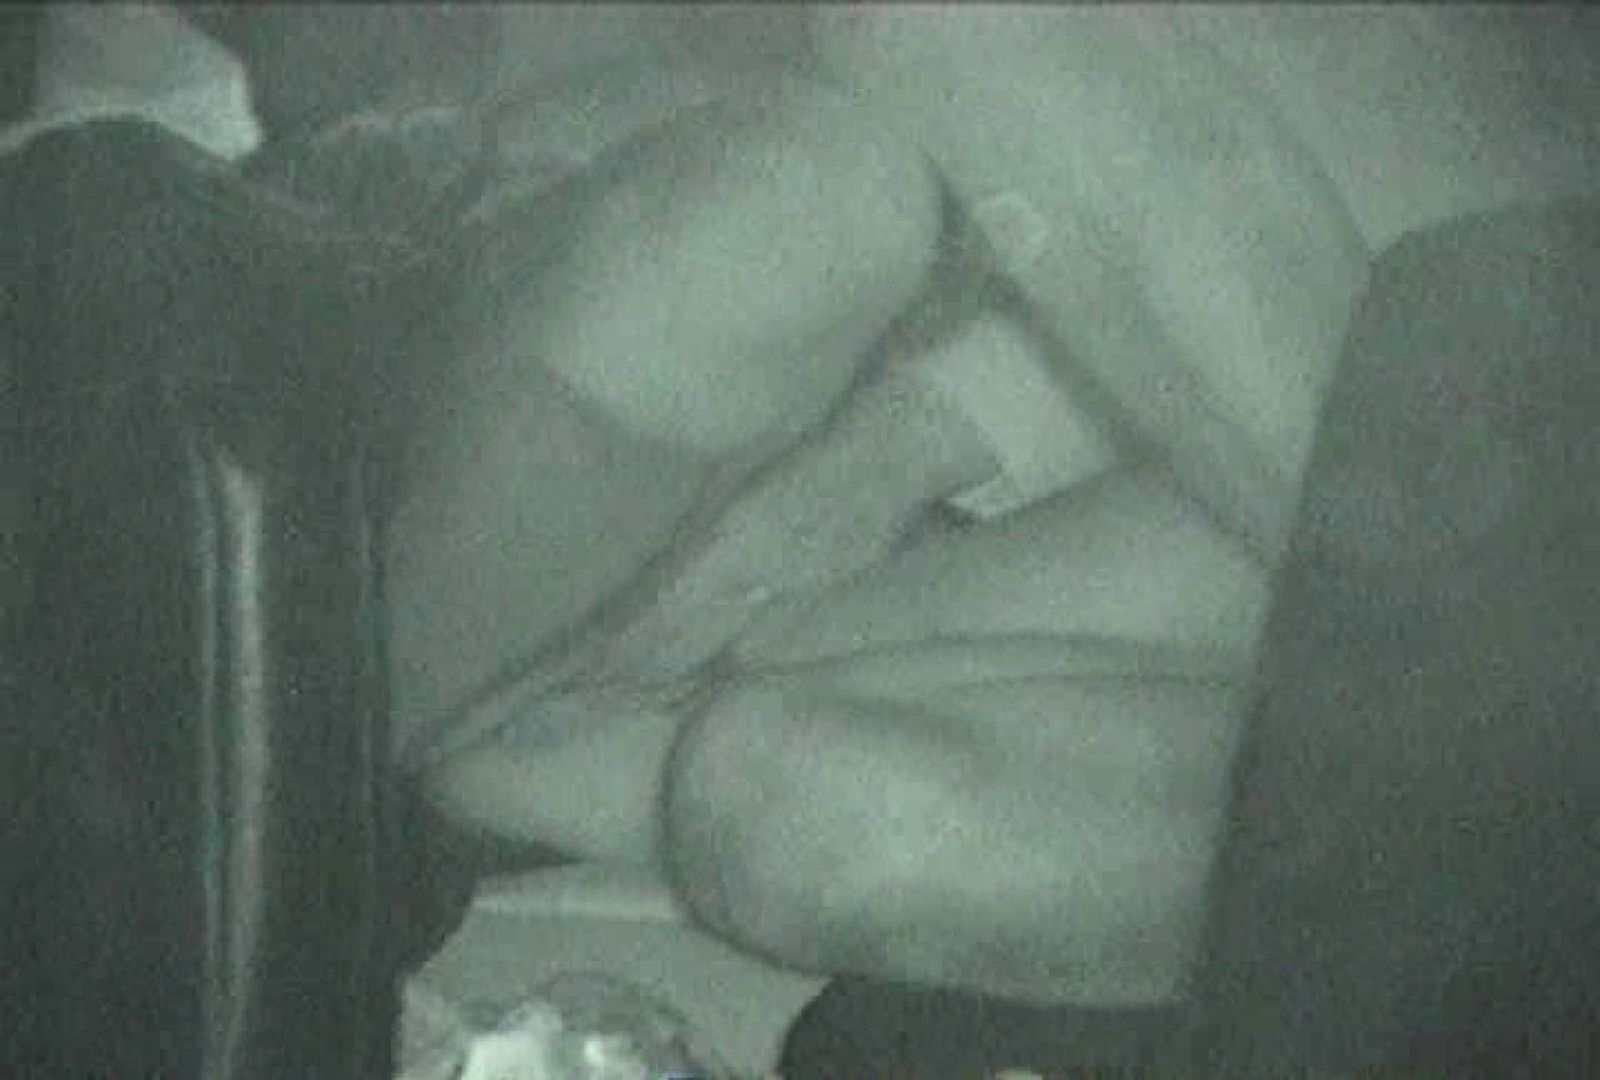 充血監督の深夜の運動会Vol.97 ギャルのエロ動画 AV無料動画キャプチャ 104画像 54